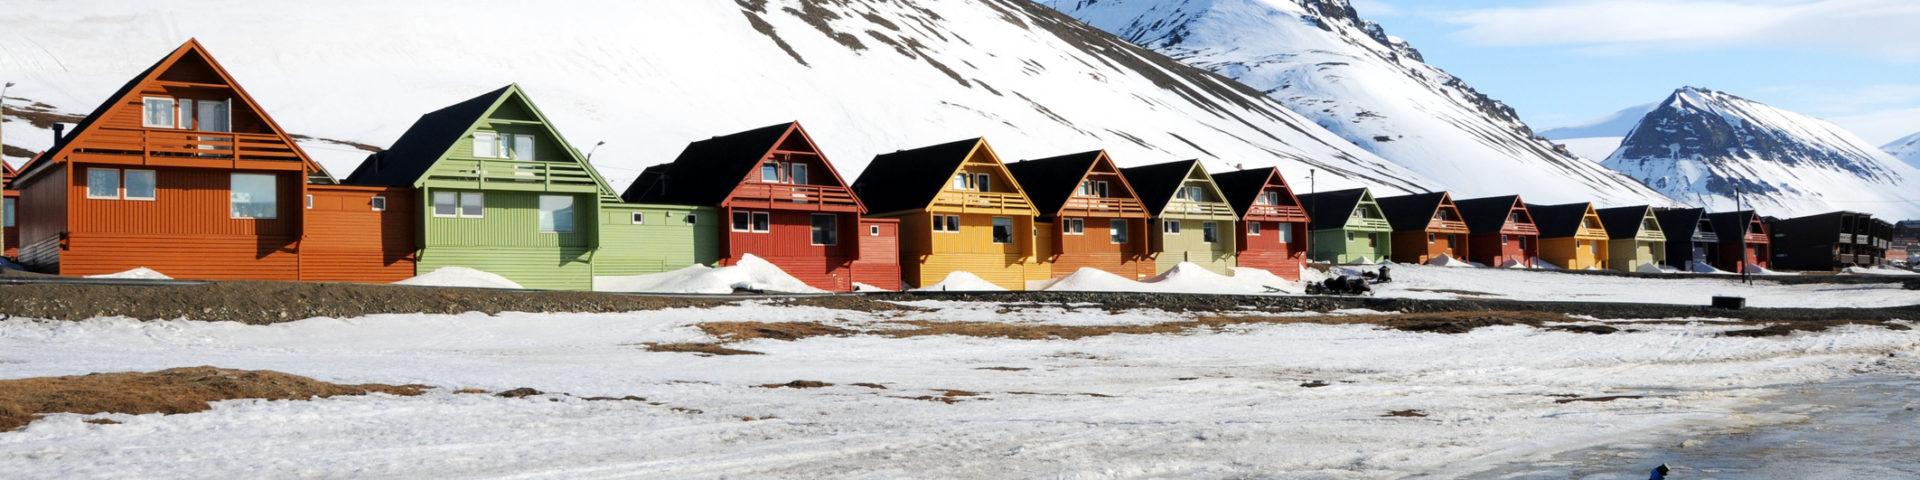 Туристическая привлекательность Шпицбергена